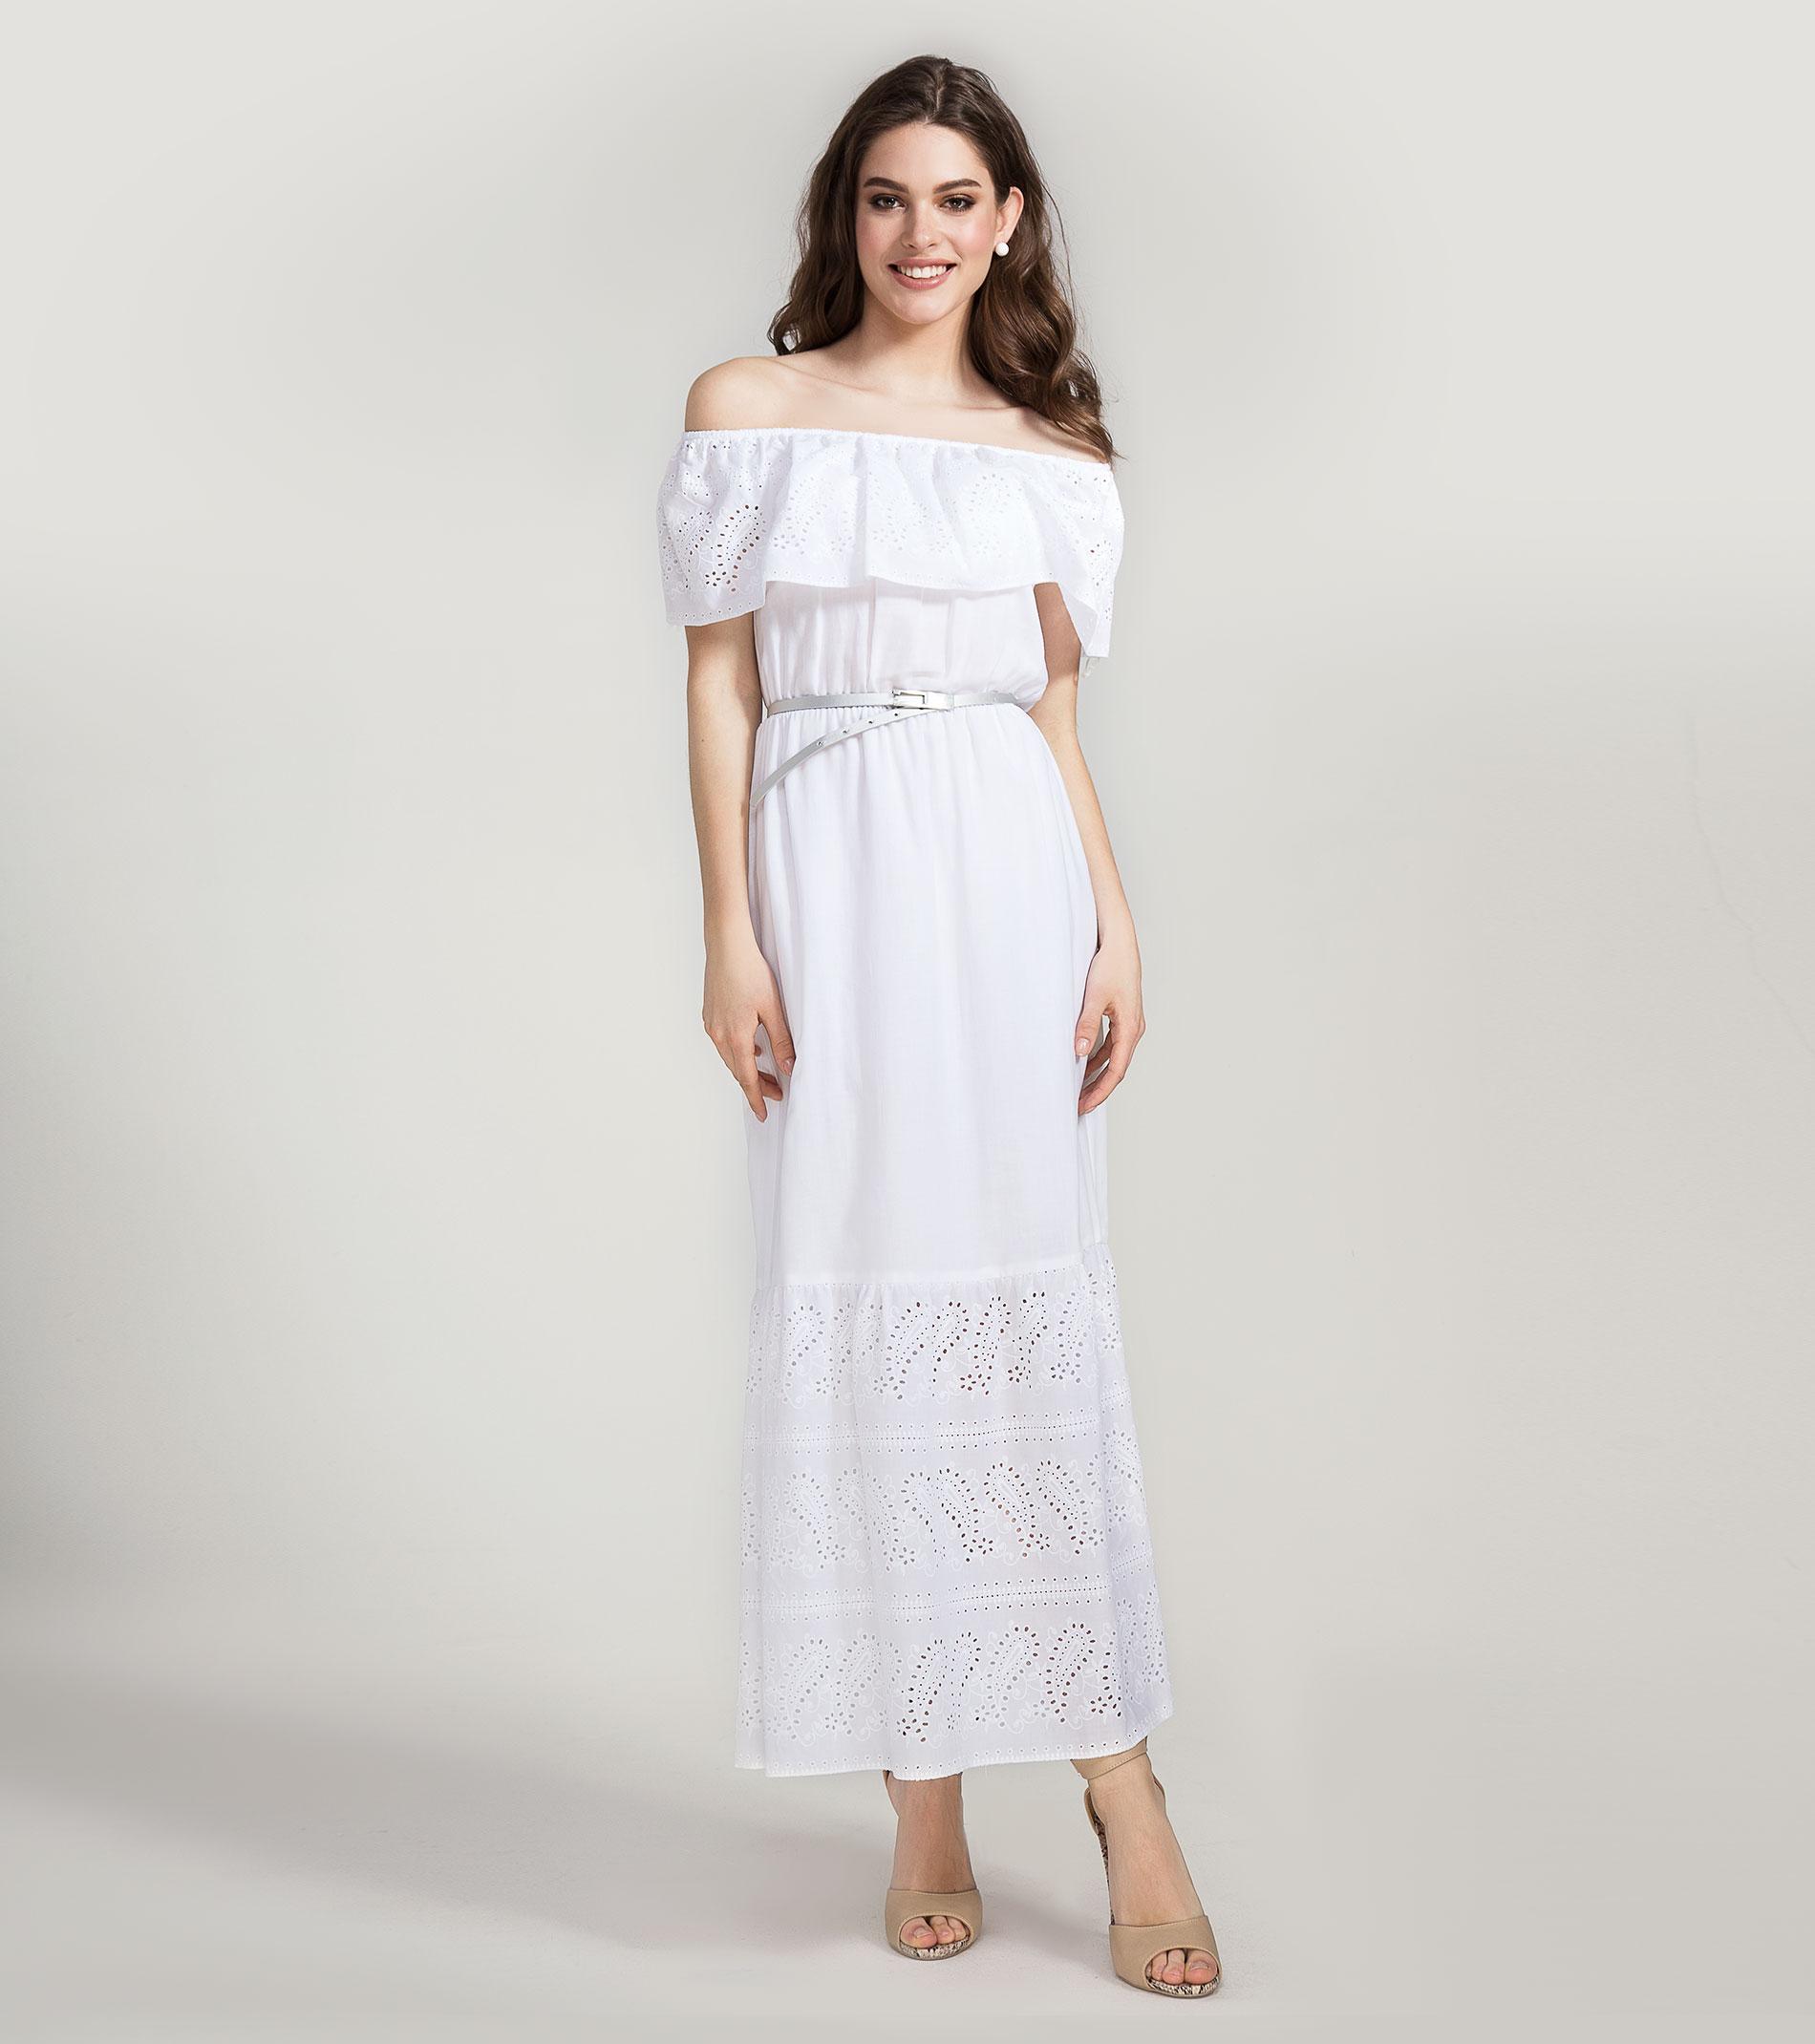 4b8b6be0b476b1d Платье женское ПА 439080 купить в интернет-магазине shop.panda.by с ...